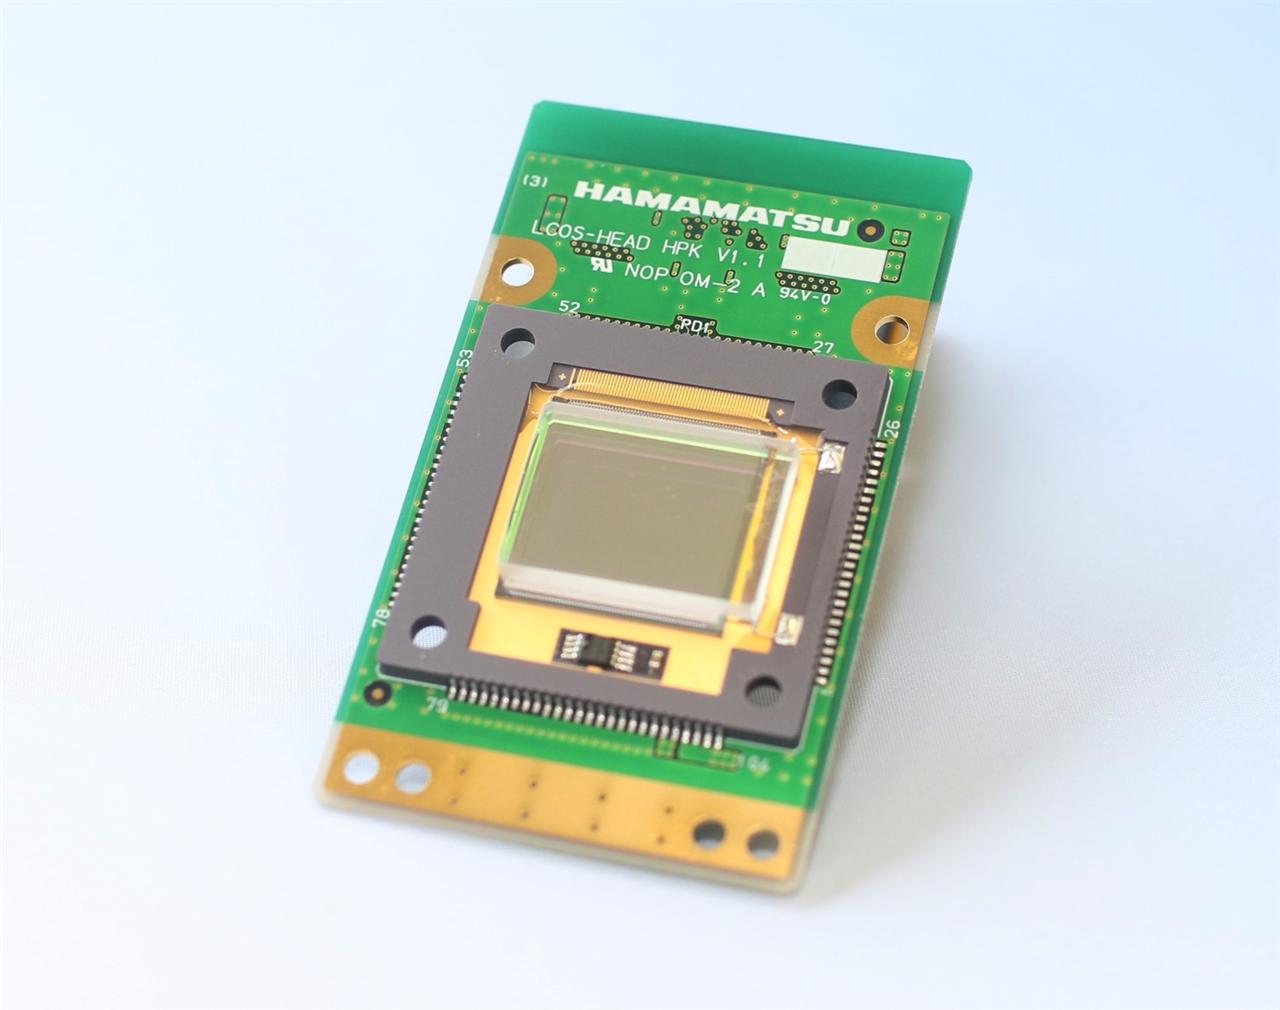 濱松研發出耐光性400GW/cm2工業空間光調制器